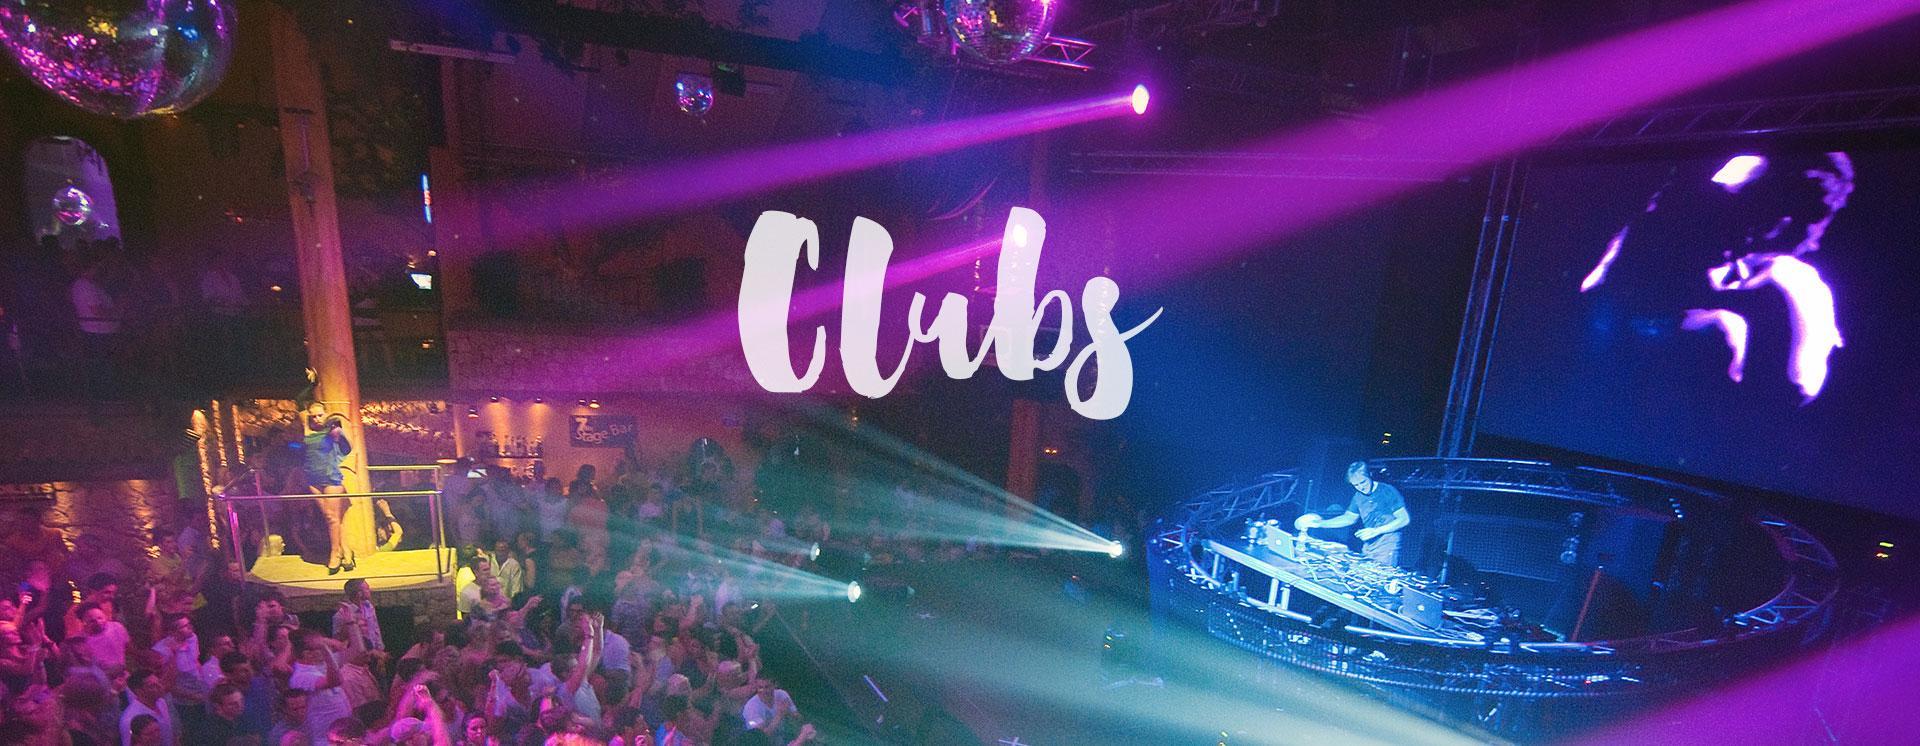 Club Guide